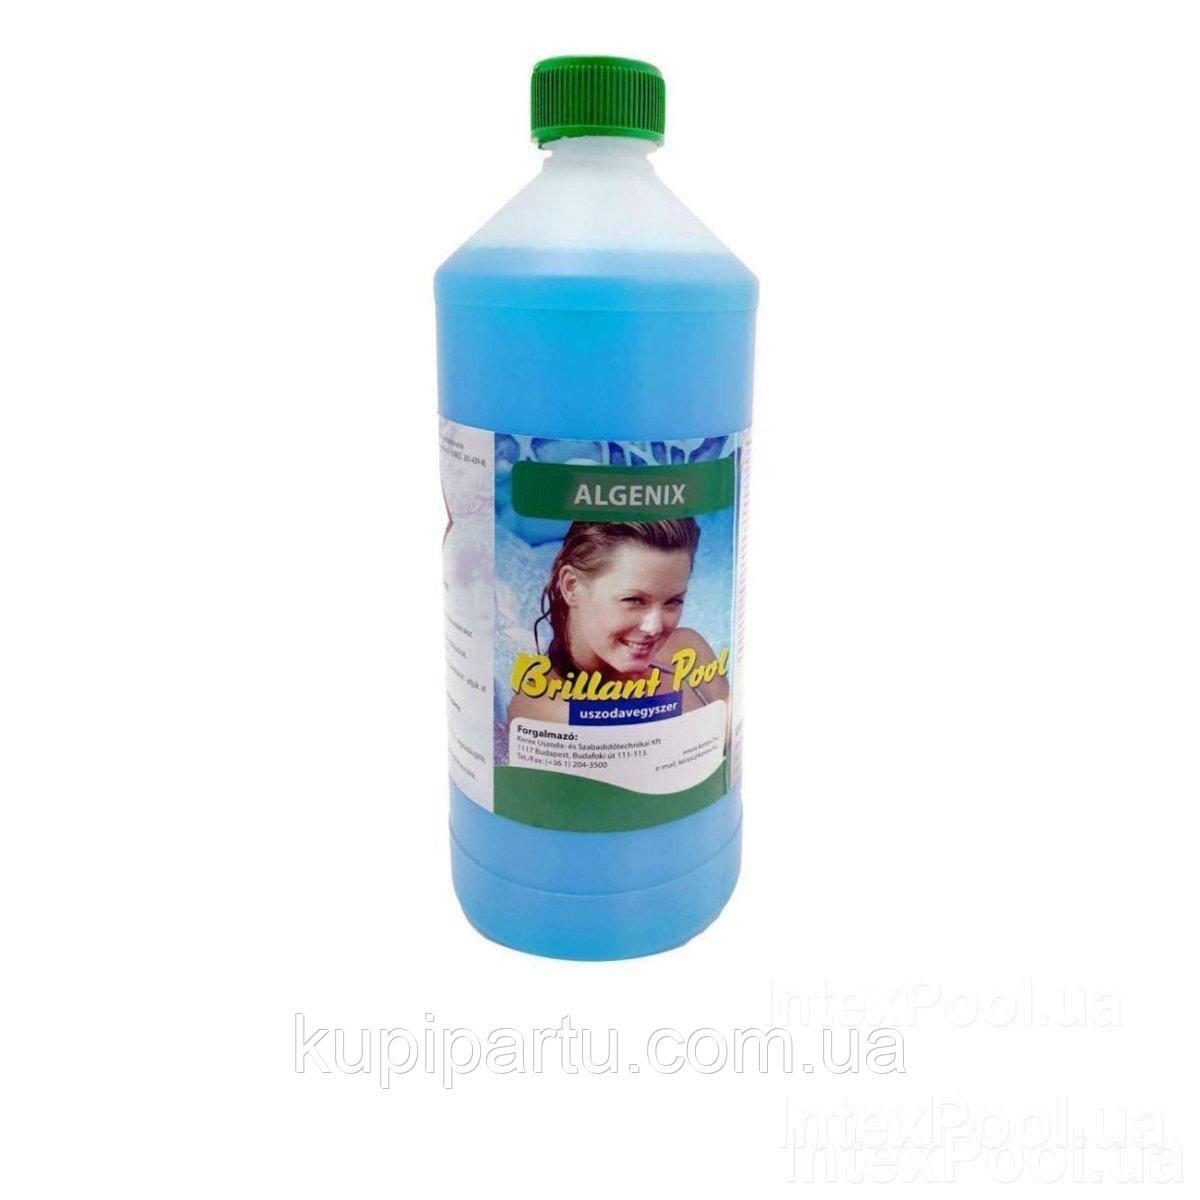 Альгеникс препарат для очищення від водоростей Kerex 817, 1 л, Угорщина